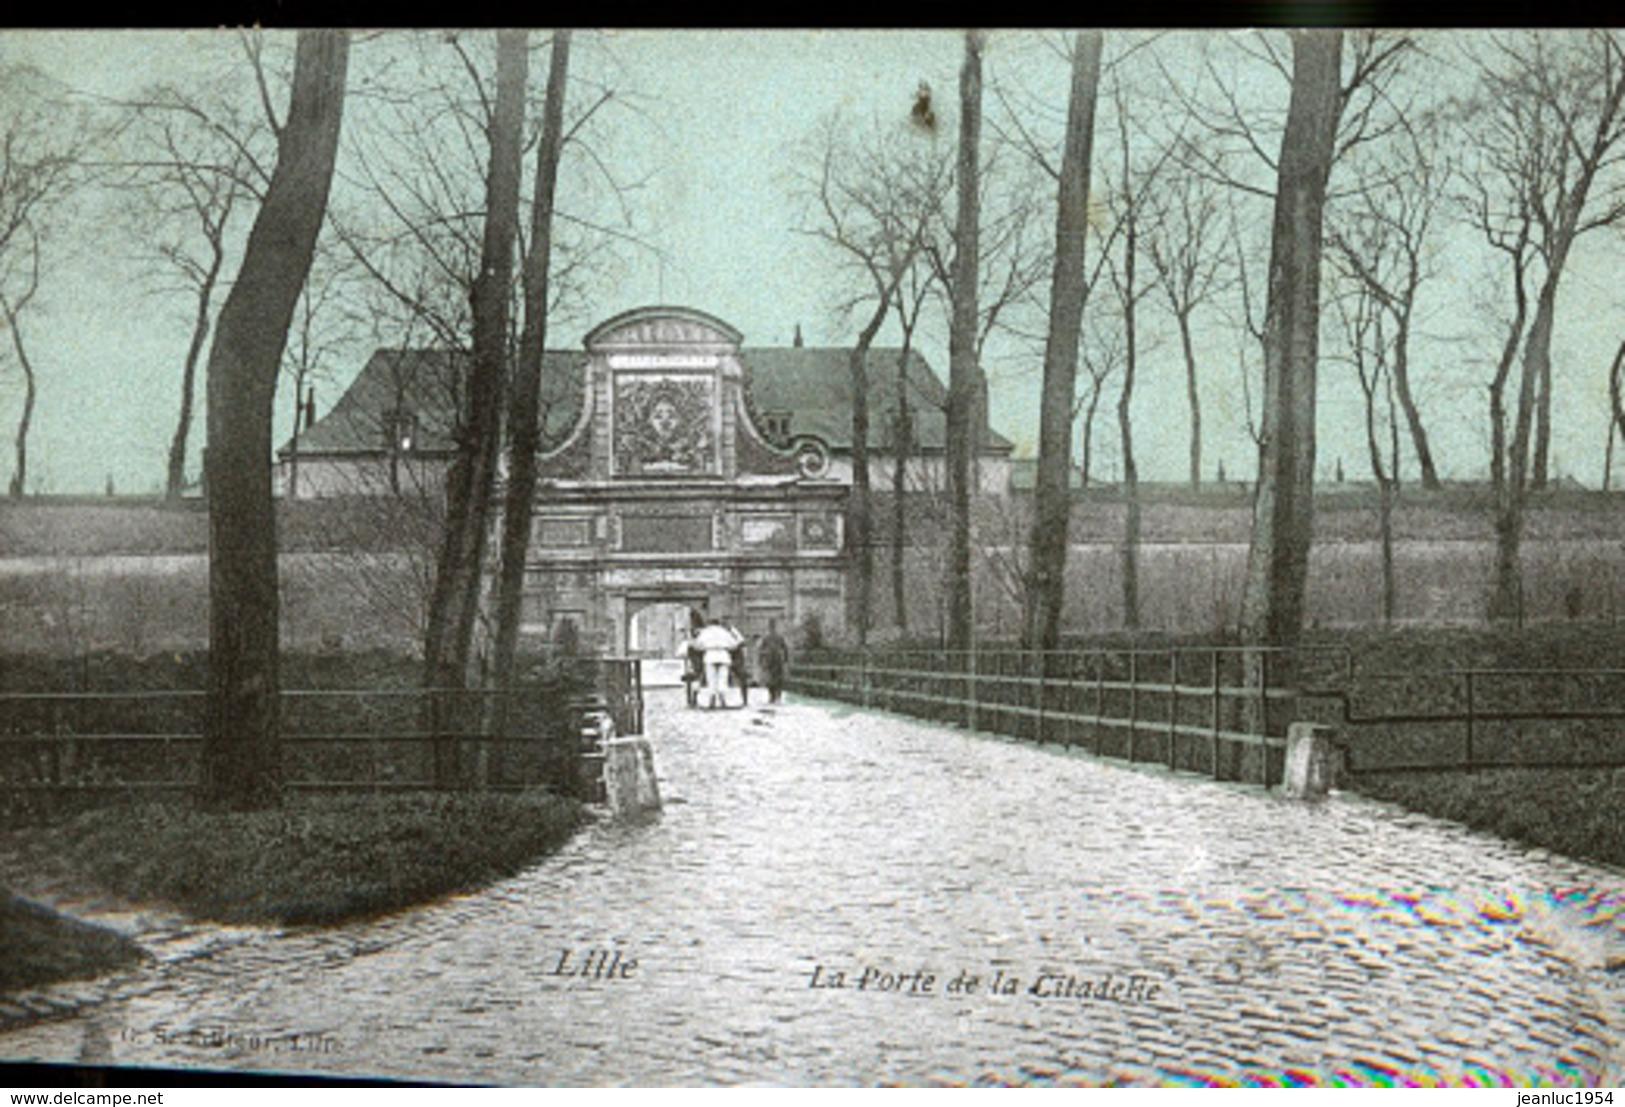 LILLE LA PORTE - Lille